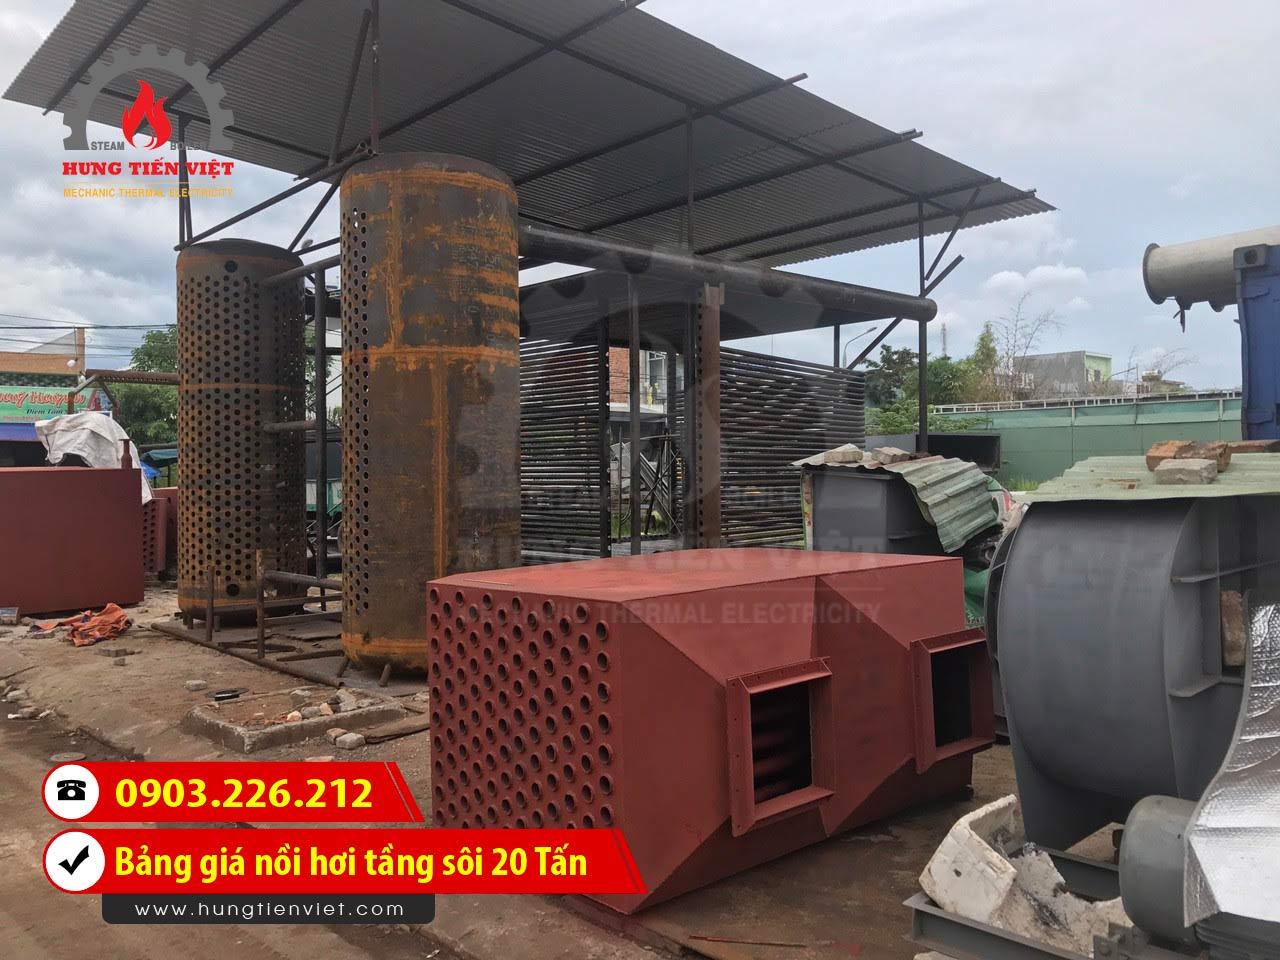 Bảng báo giá nồi hơi tầng sôi 20 tấn - lò hơi tầng sôi 20 tấn công nghệ mới và dịch vụ thiết kế - chế tạo - lắp đặt trọn gói. Gọi ☎ 0903.226.212 #noihoitangsoi #lohoitangsoi #noihoi #lohoi